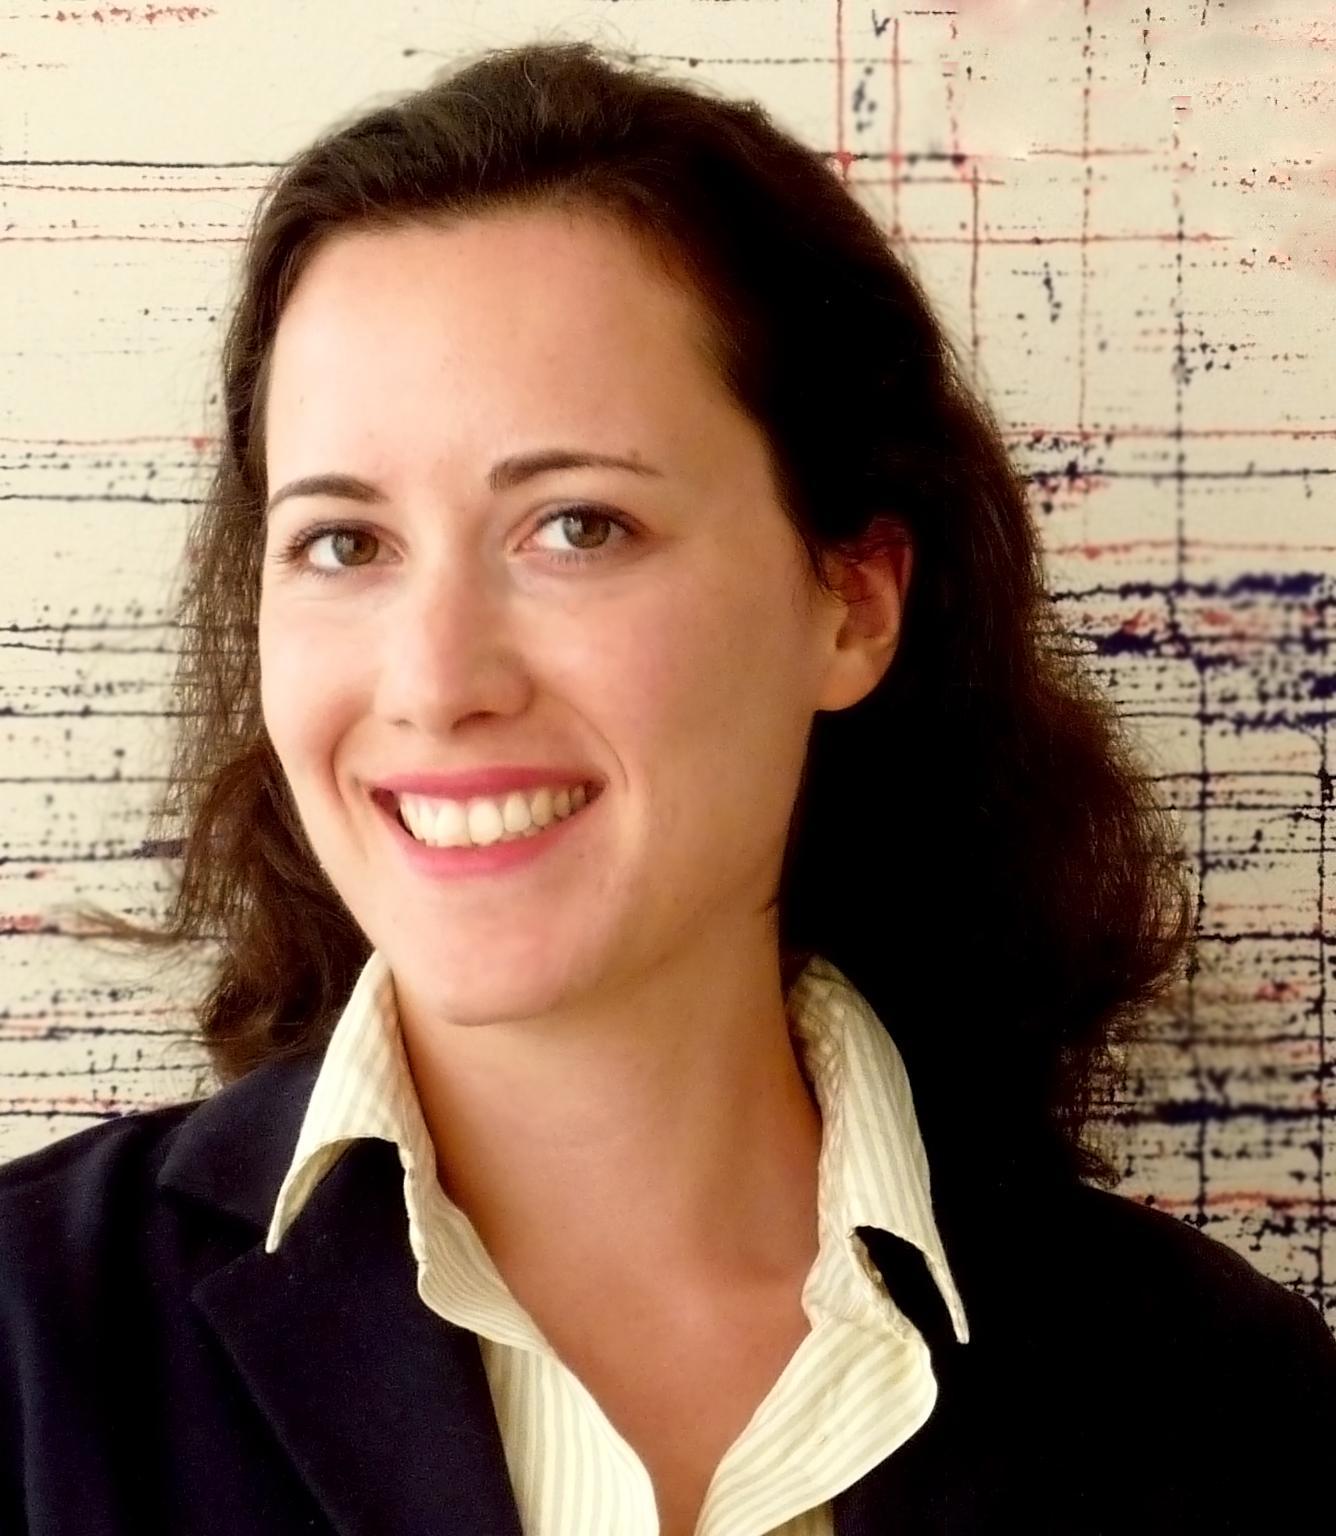 Dr Or Rosenboim joint winner of the 2014 Raymond Aron Prize